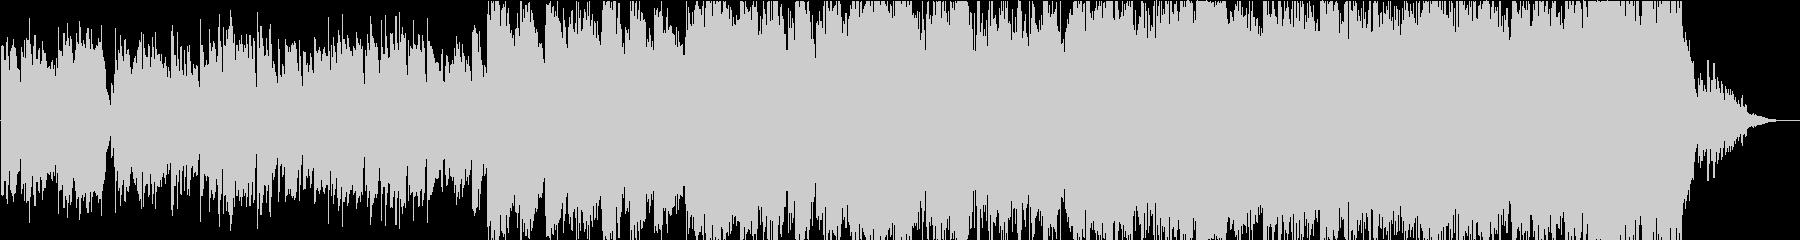 目覚めの朝のケーナの音楽の未再生の波形